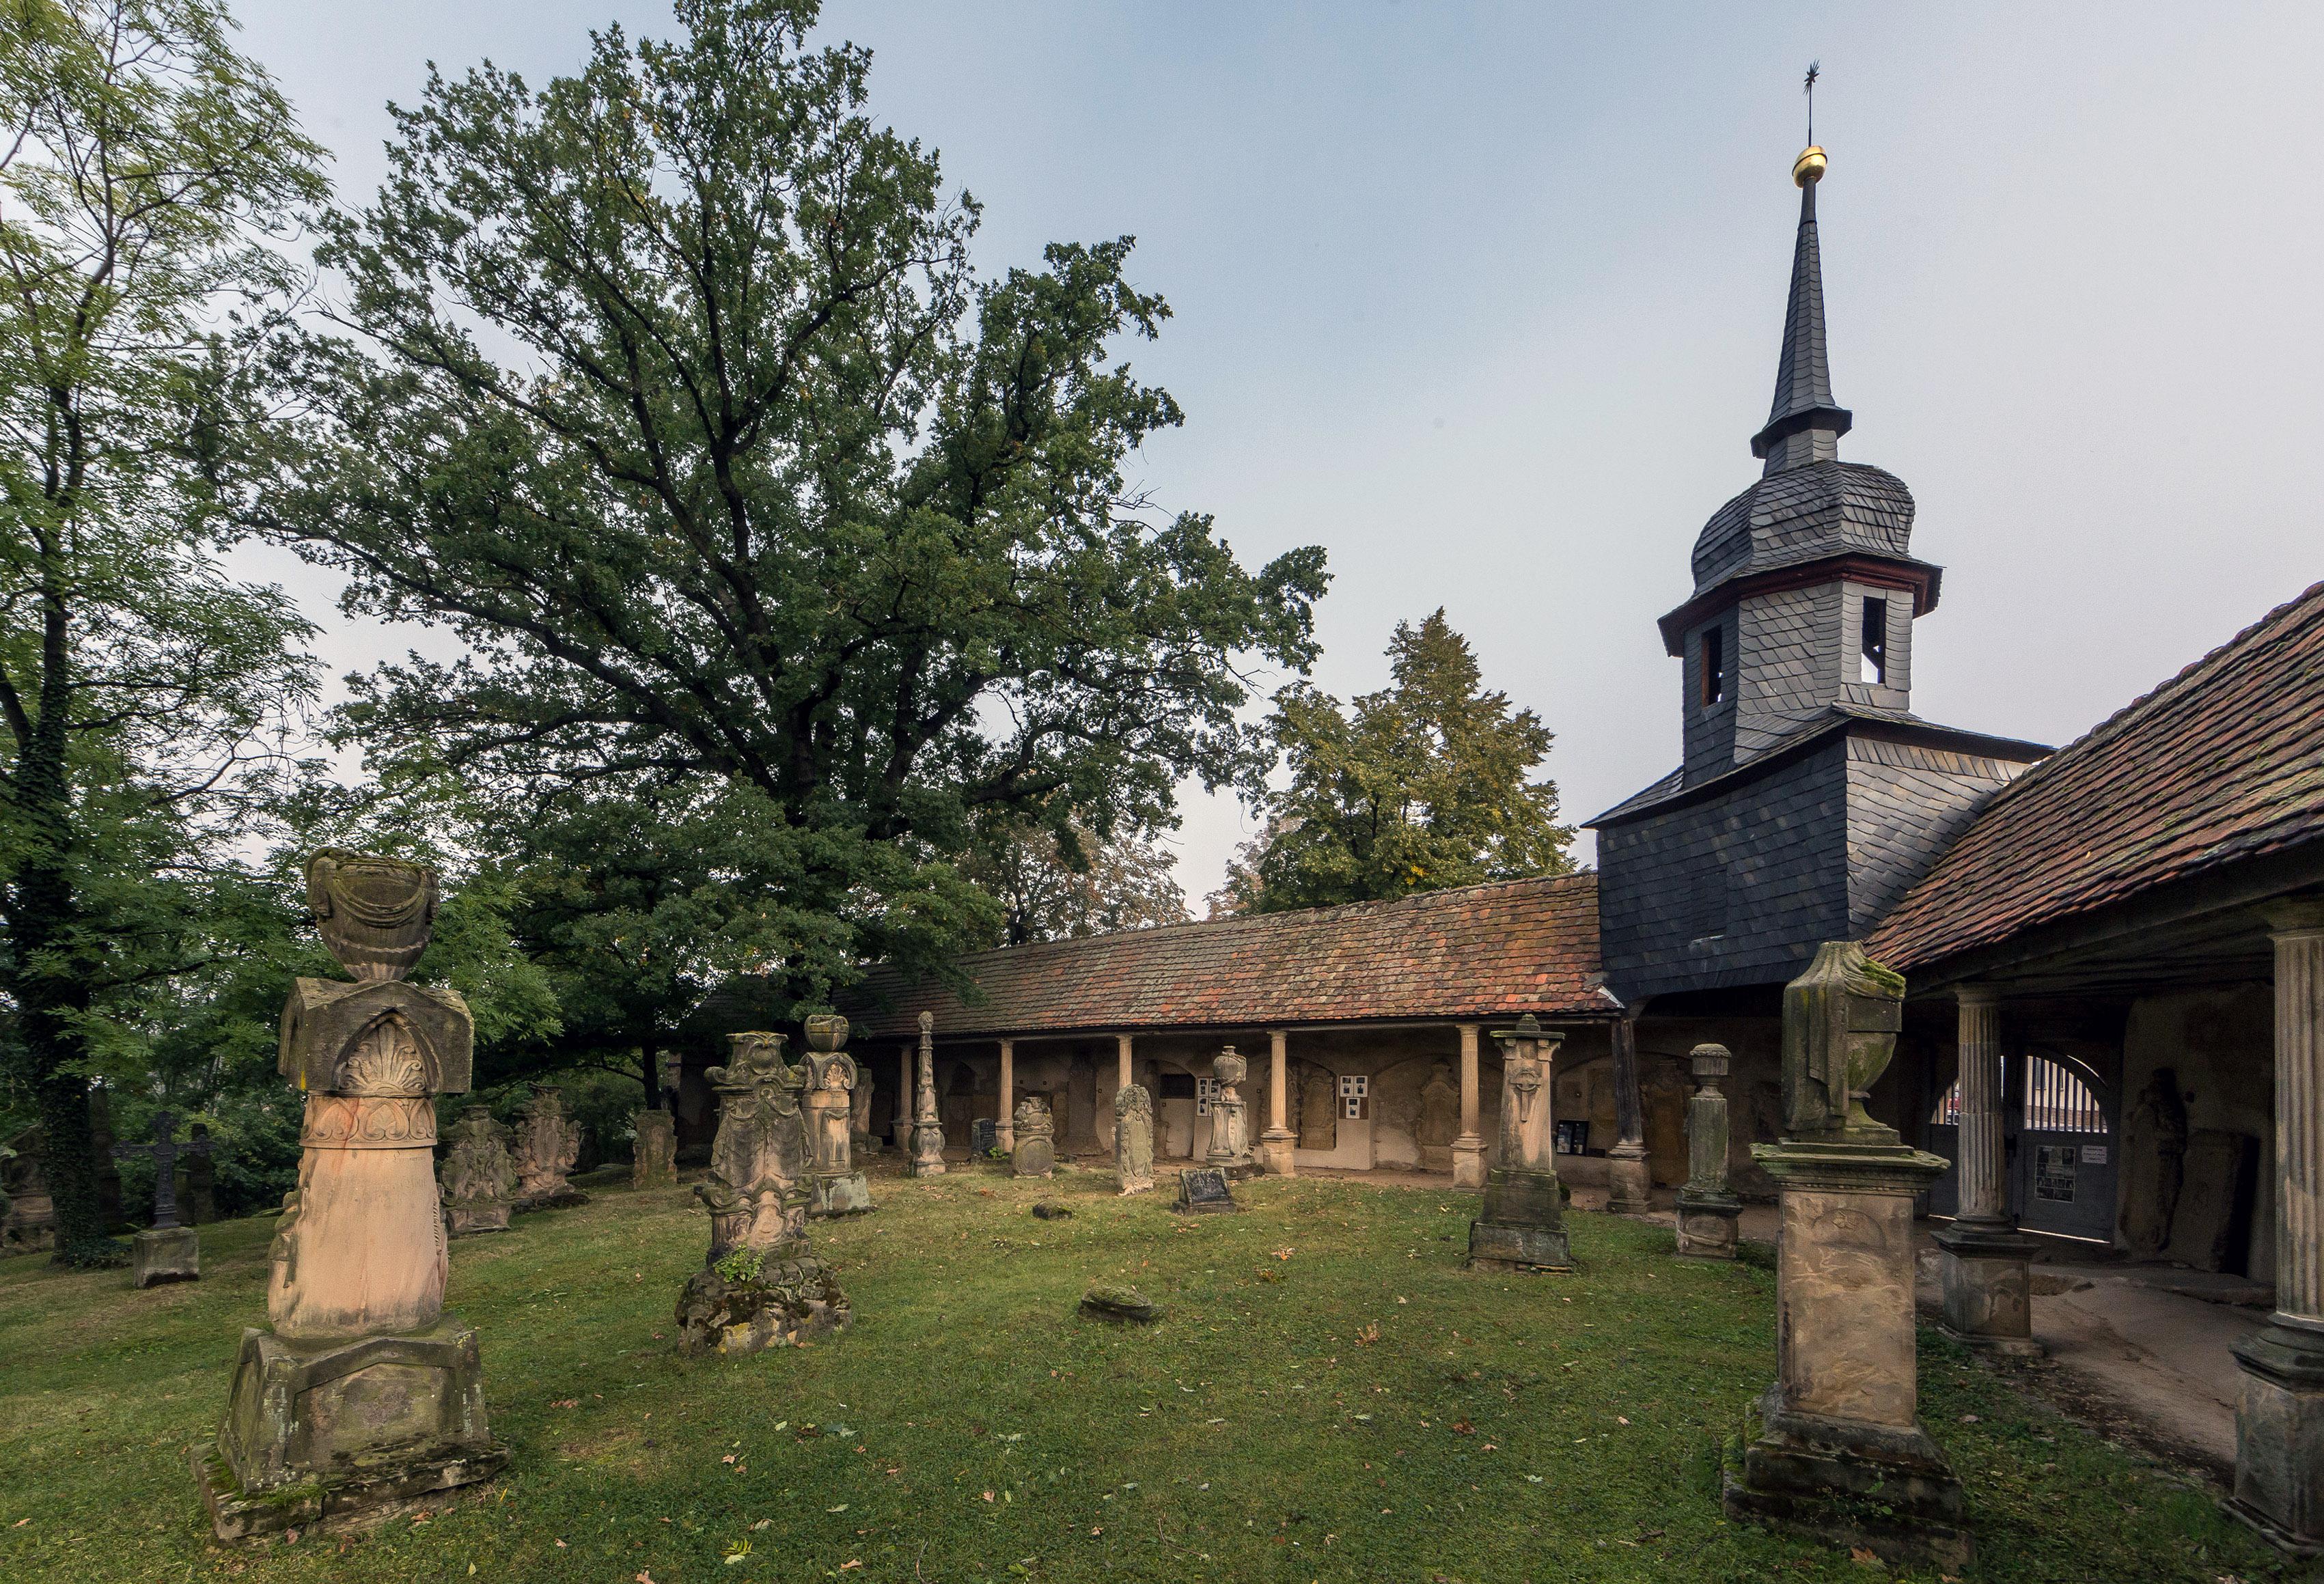 Friedhof mit Grabsteinen, Torturm und überdachtem Gang